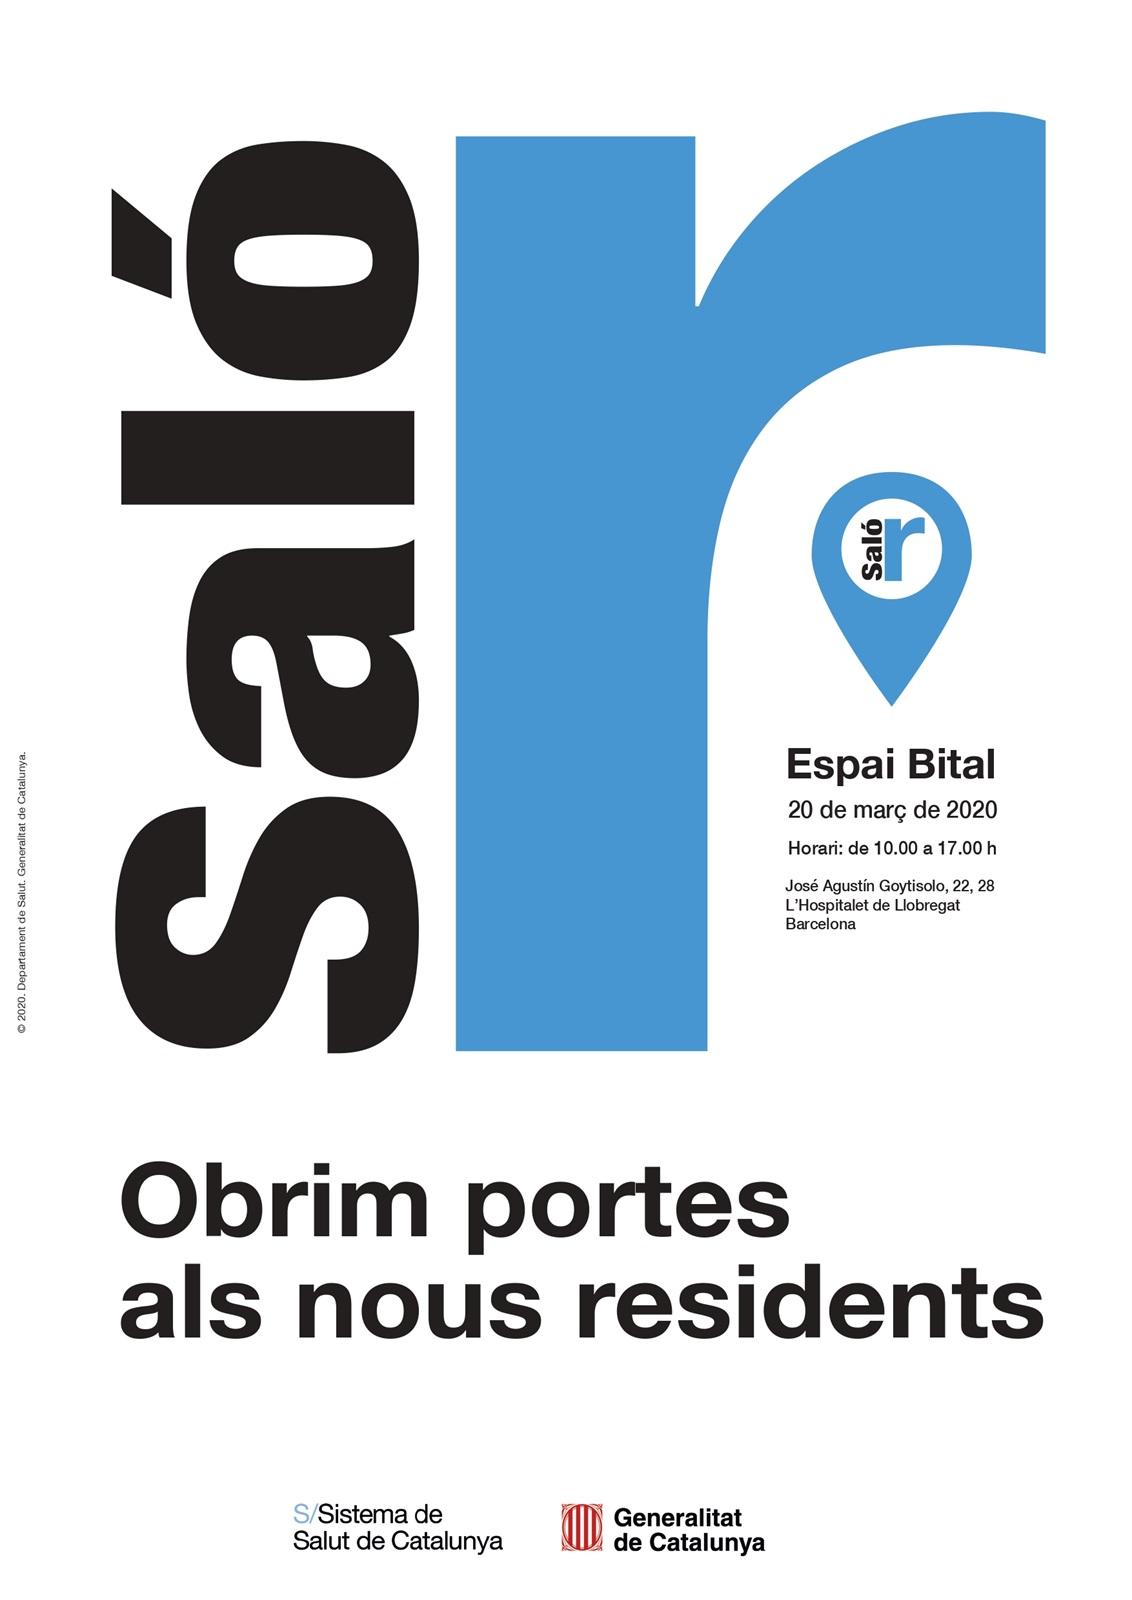 Neix el Saló R amb la voluntat de millorar l'atractiu de la formació sanitària especialitzada de Catalunya